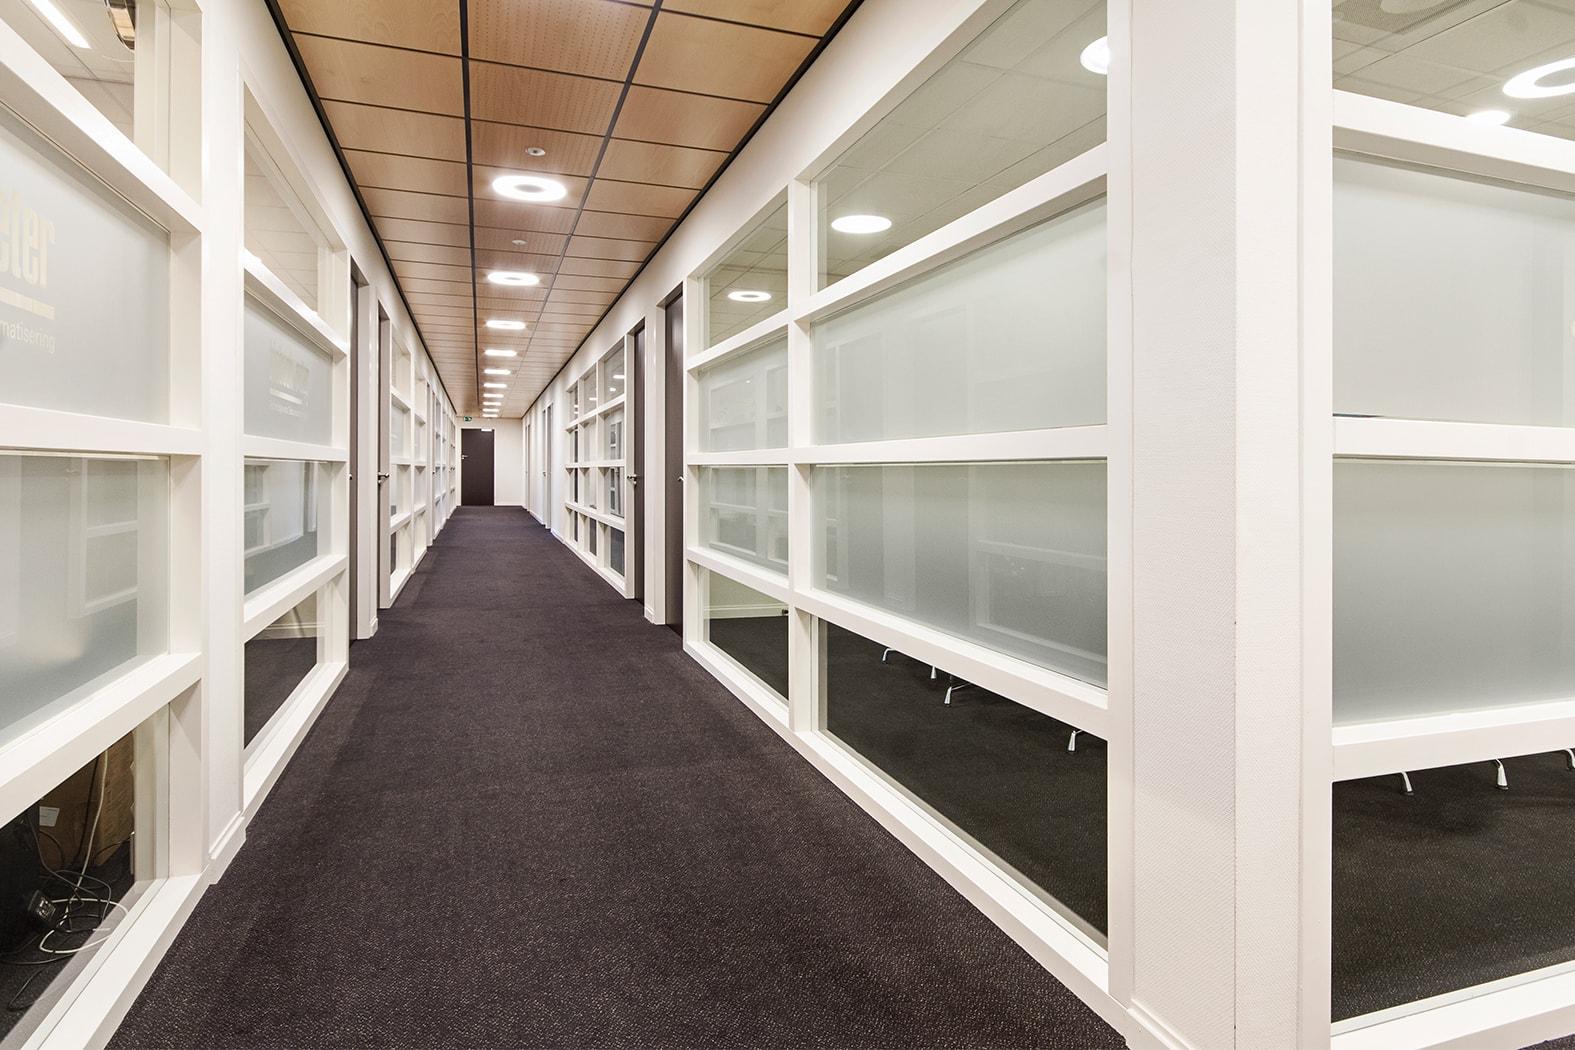 Bedrijfsruimte huren in Alphen aan den Rijn | Crown Business Center